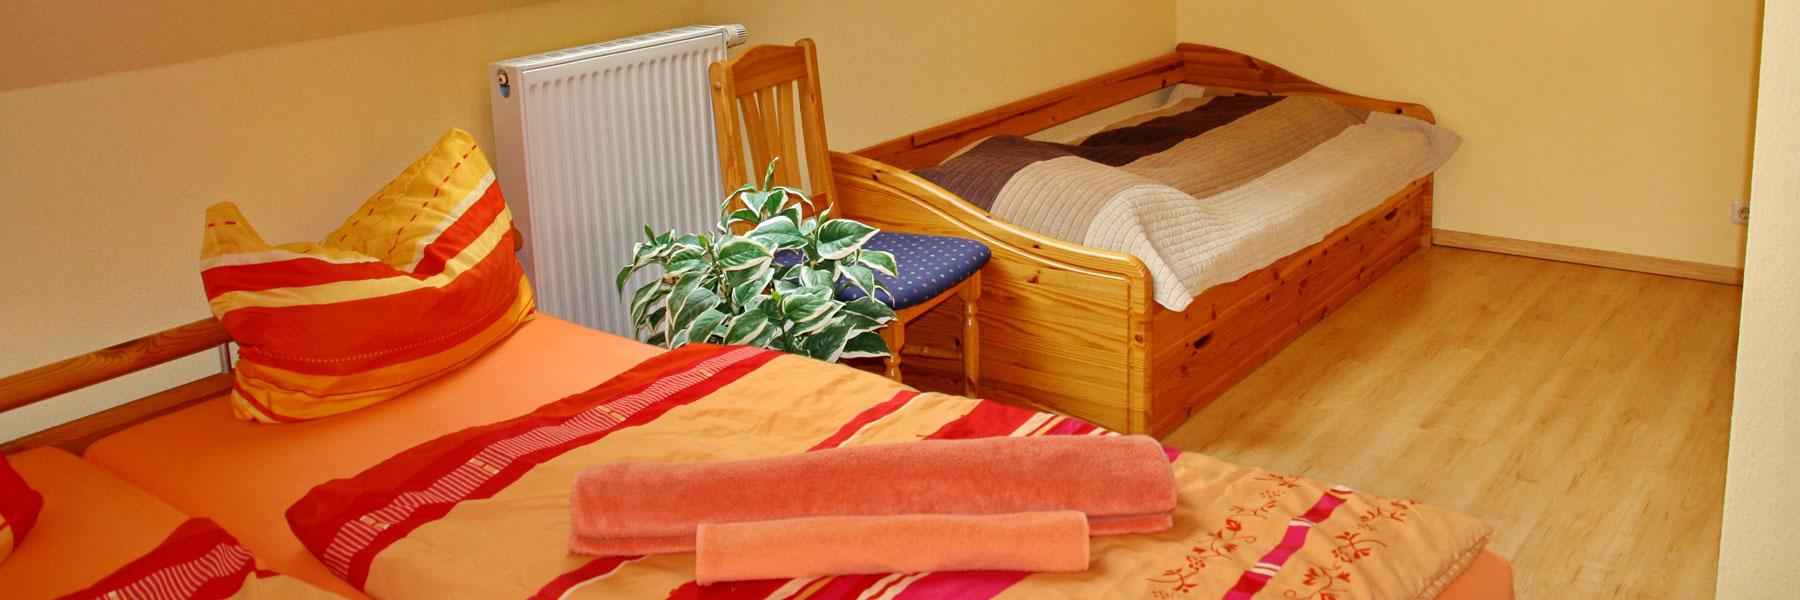 Schlafzimmer - Haus Giovanni